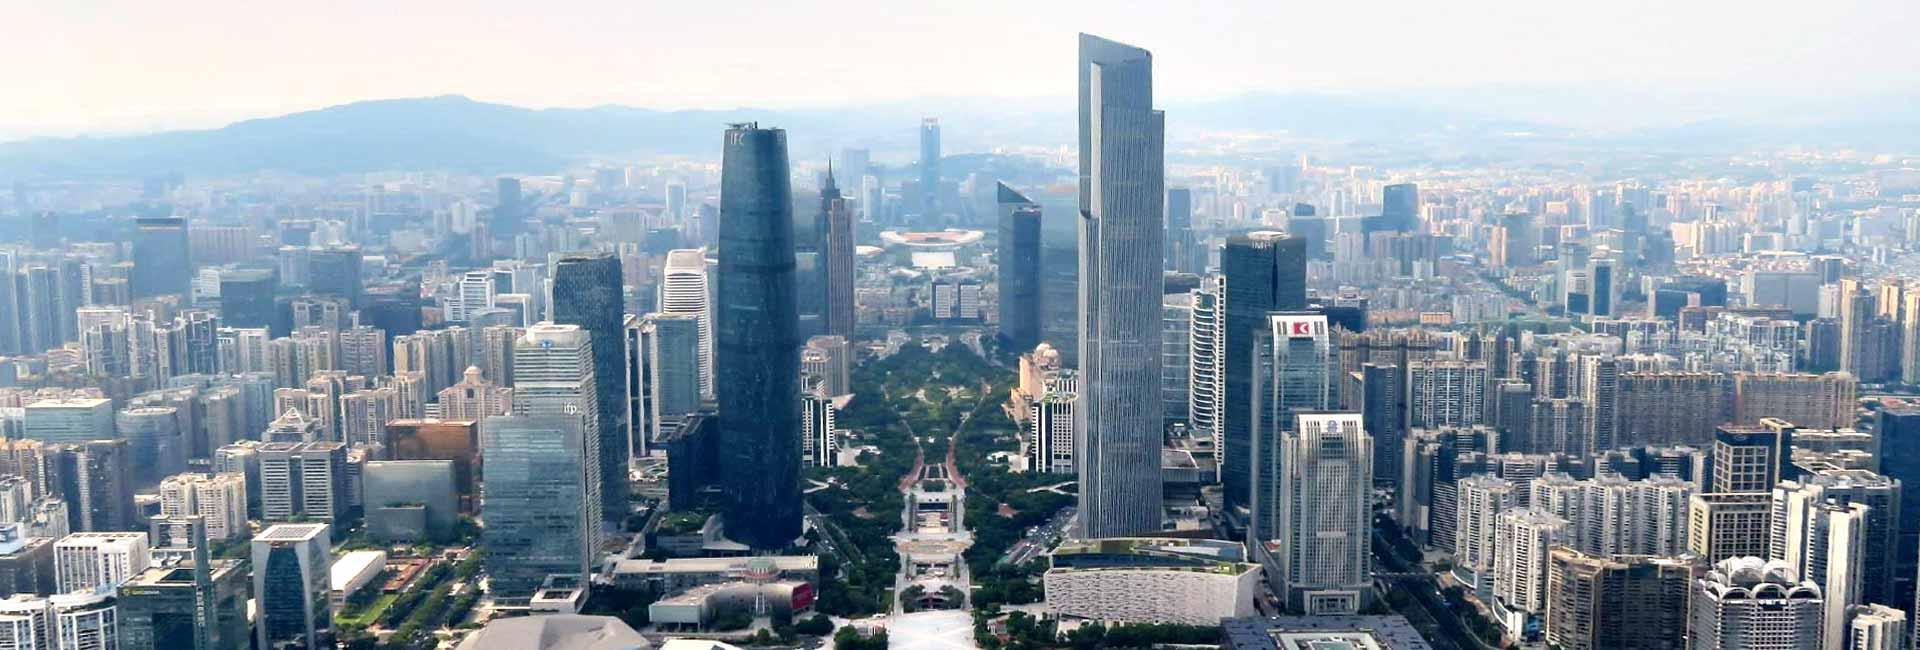 凯撒自动门承接的知名项目  广州市CBD的东西塔、广汽中心、太古汇、LV和ZARA专卖店等